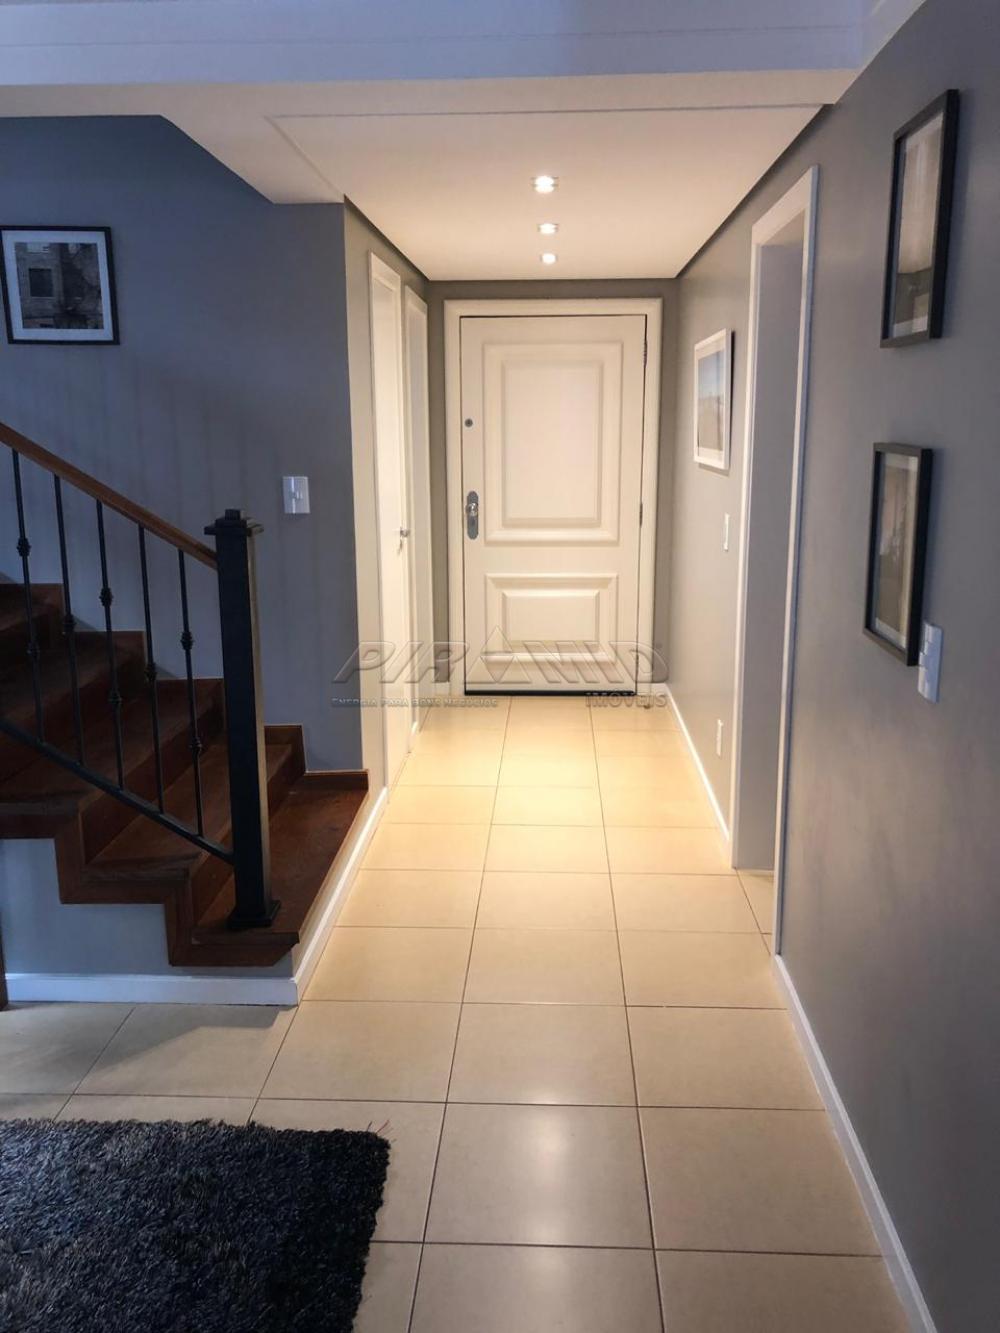 Comprar Casa / Condomínio em Ribeirão Preto apenas R$ 1.280.000,00 - Foto 10